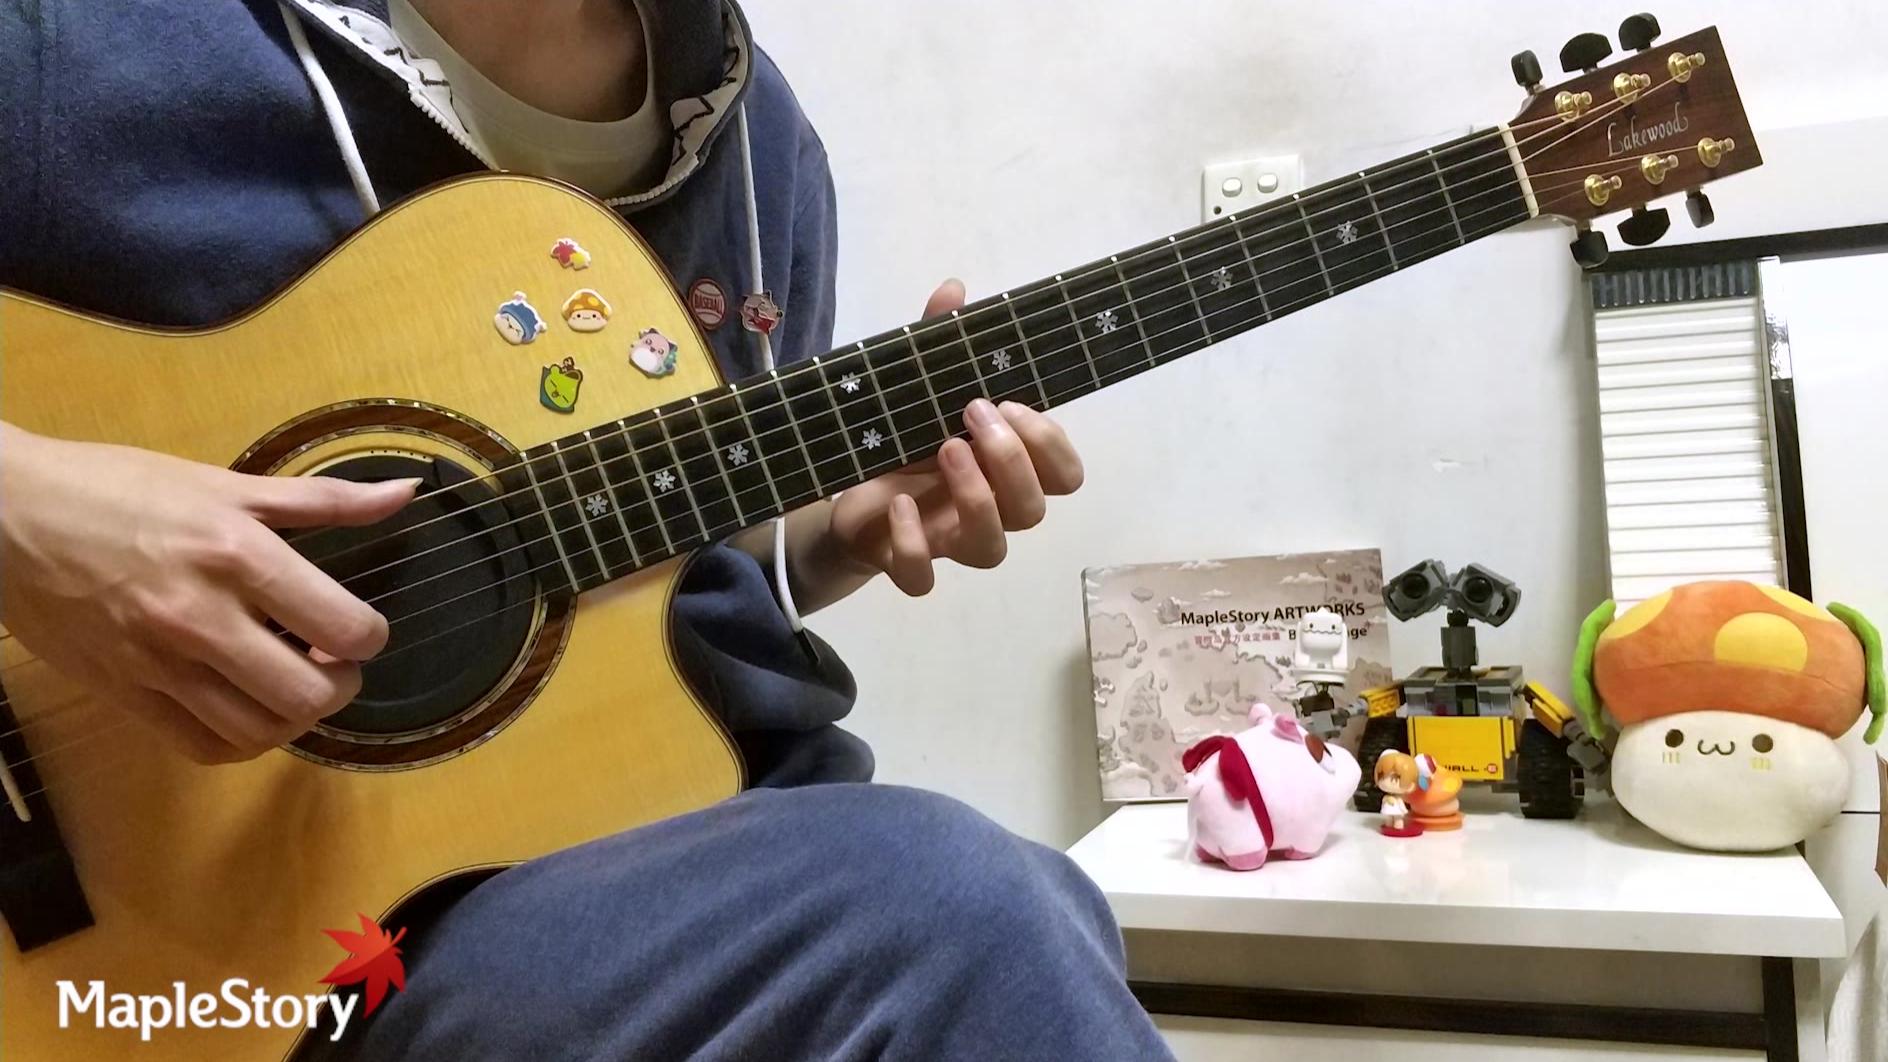 【小兔指弹】冒险岛 魔法密林郊外 Moonlight Shadow 双轨吉他演奏